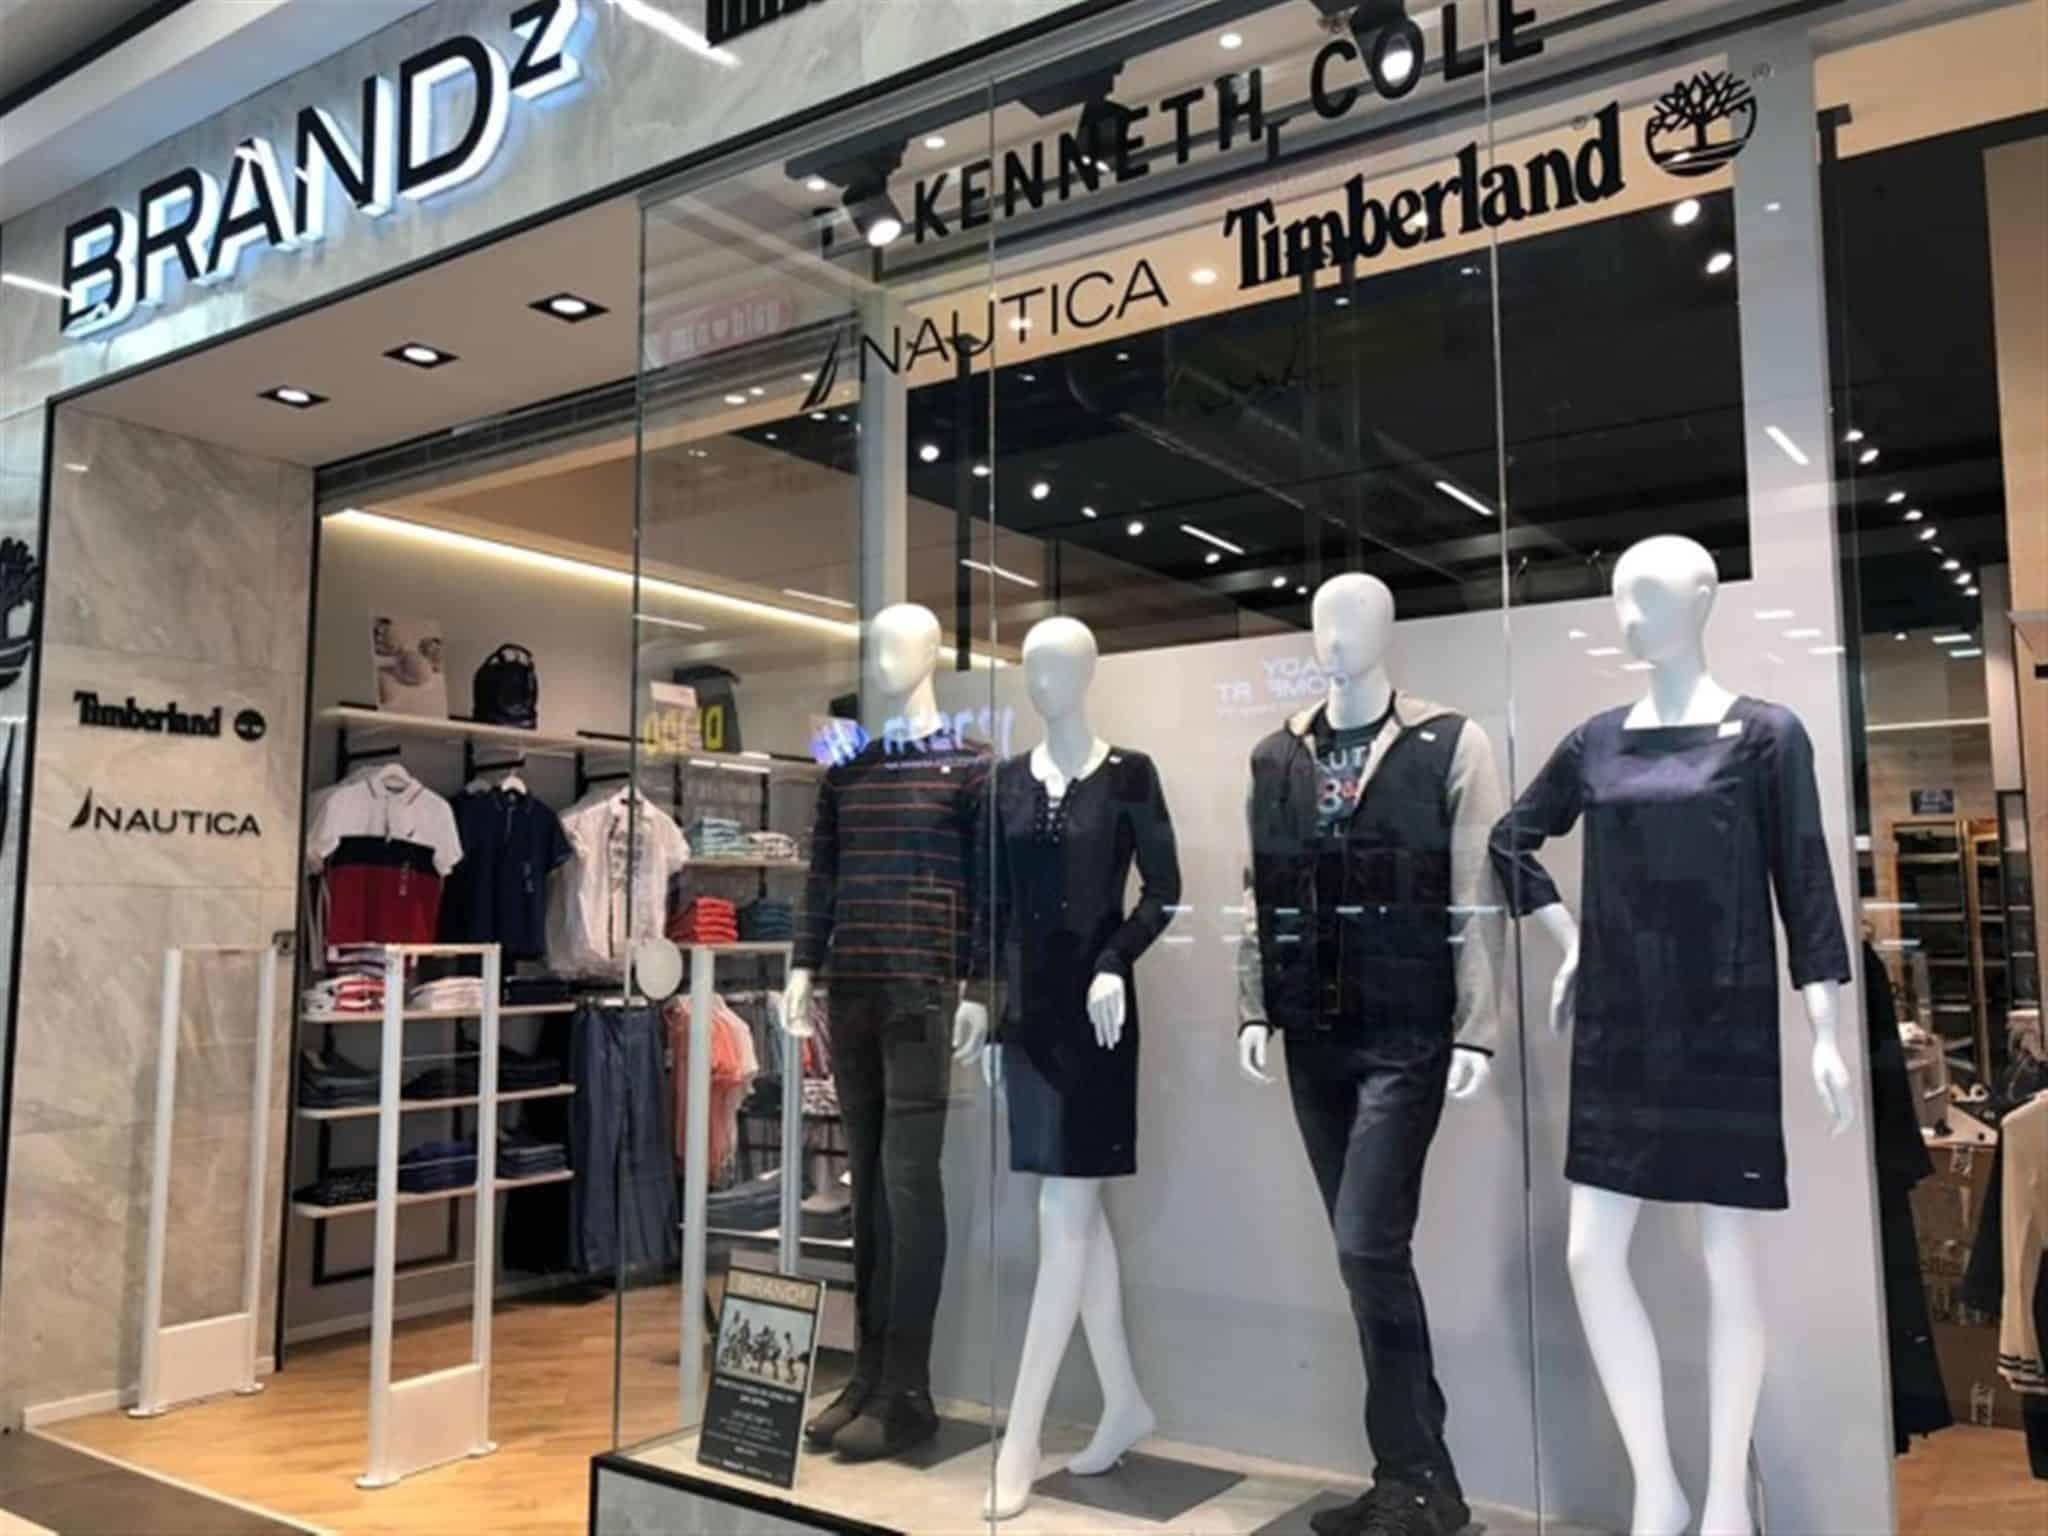 ירושלים: חנות דגל ראשונה מסוגה למותגי האופנה  נאוטיקה וטימברלנד תיפתח בקניון הדר